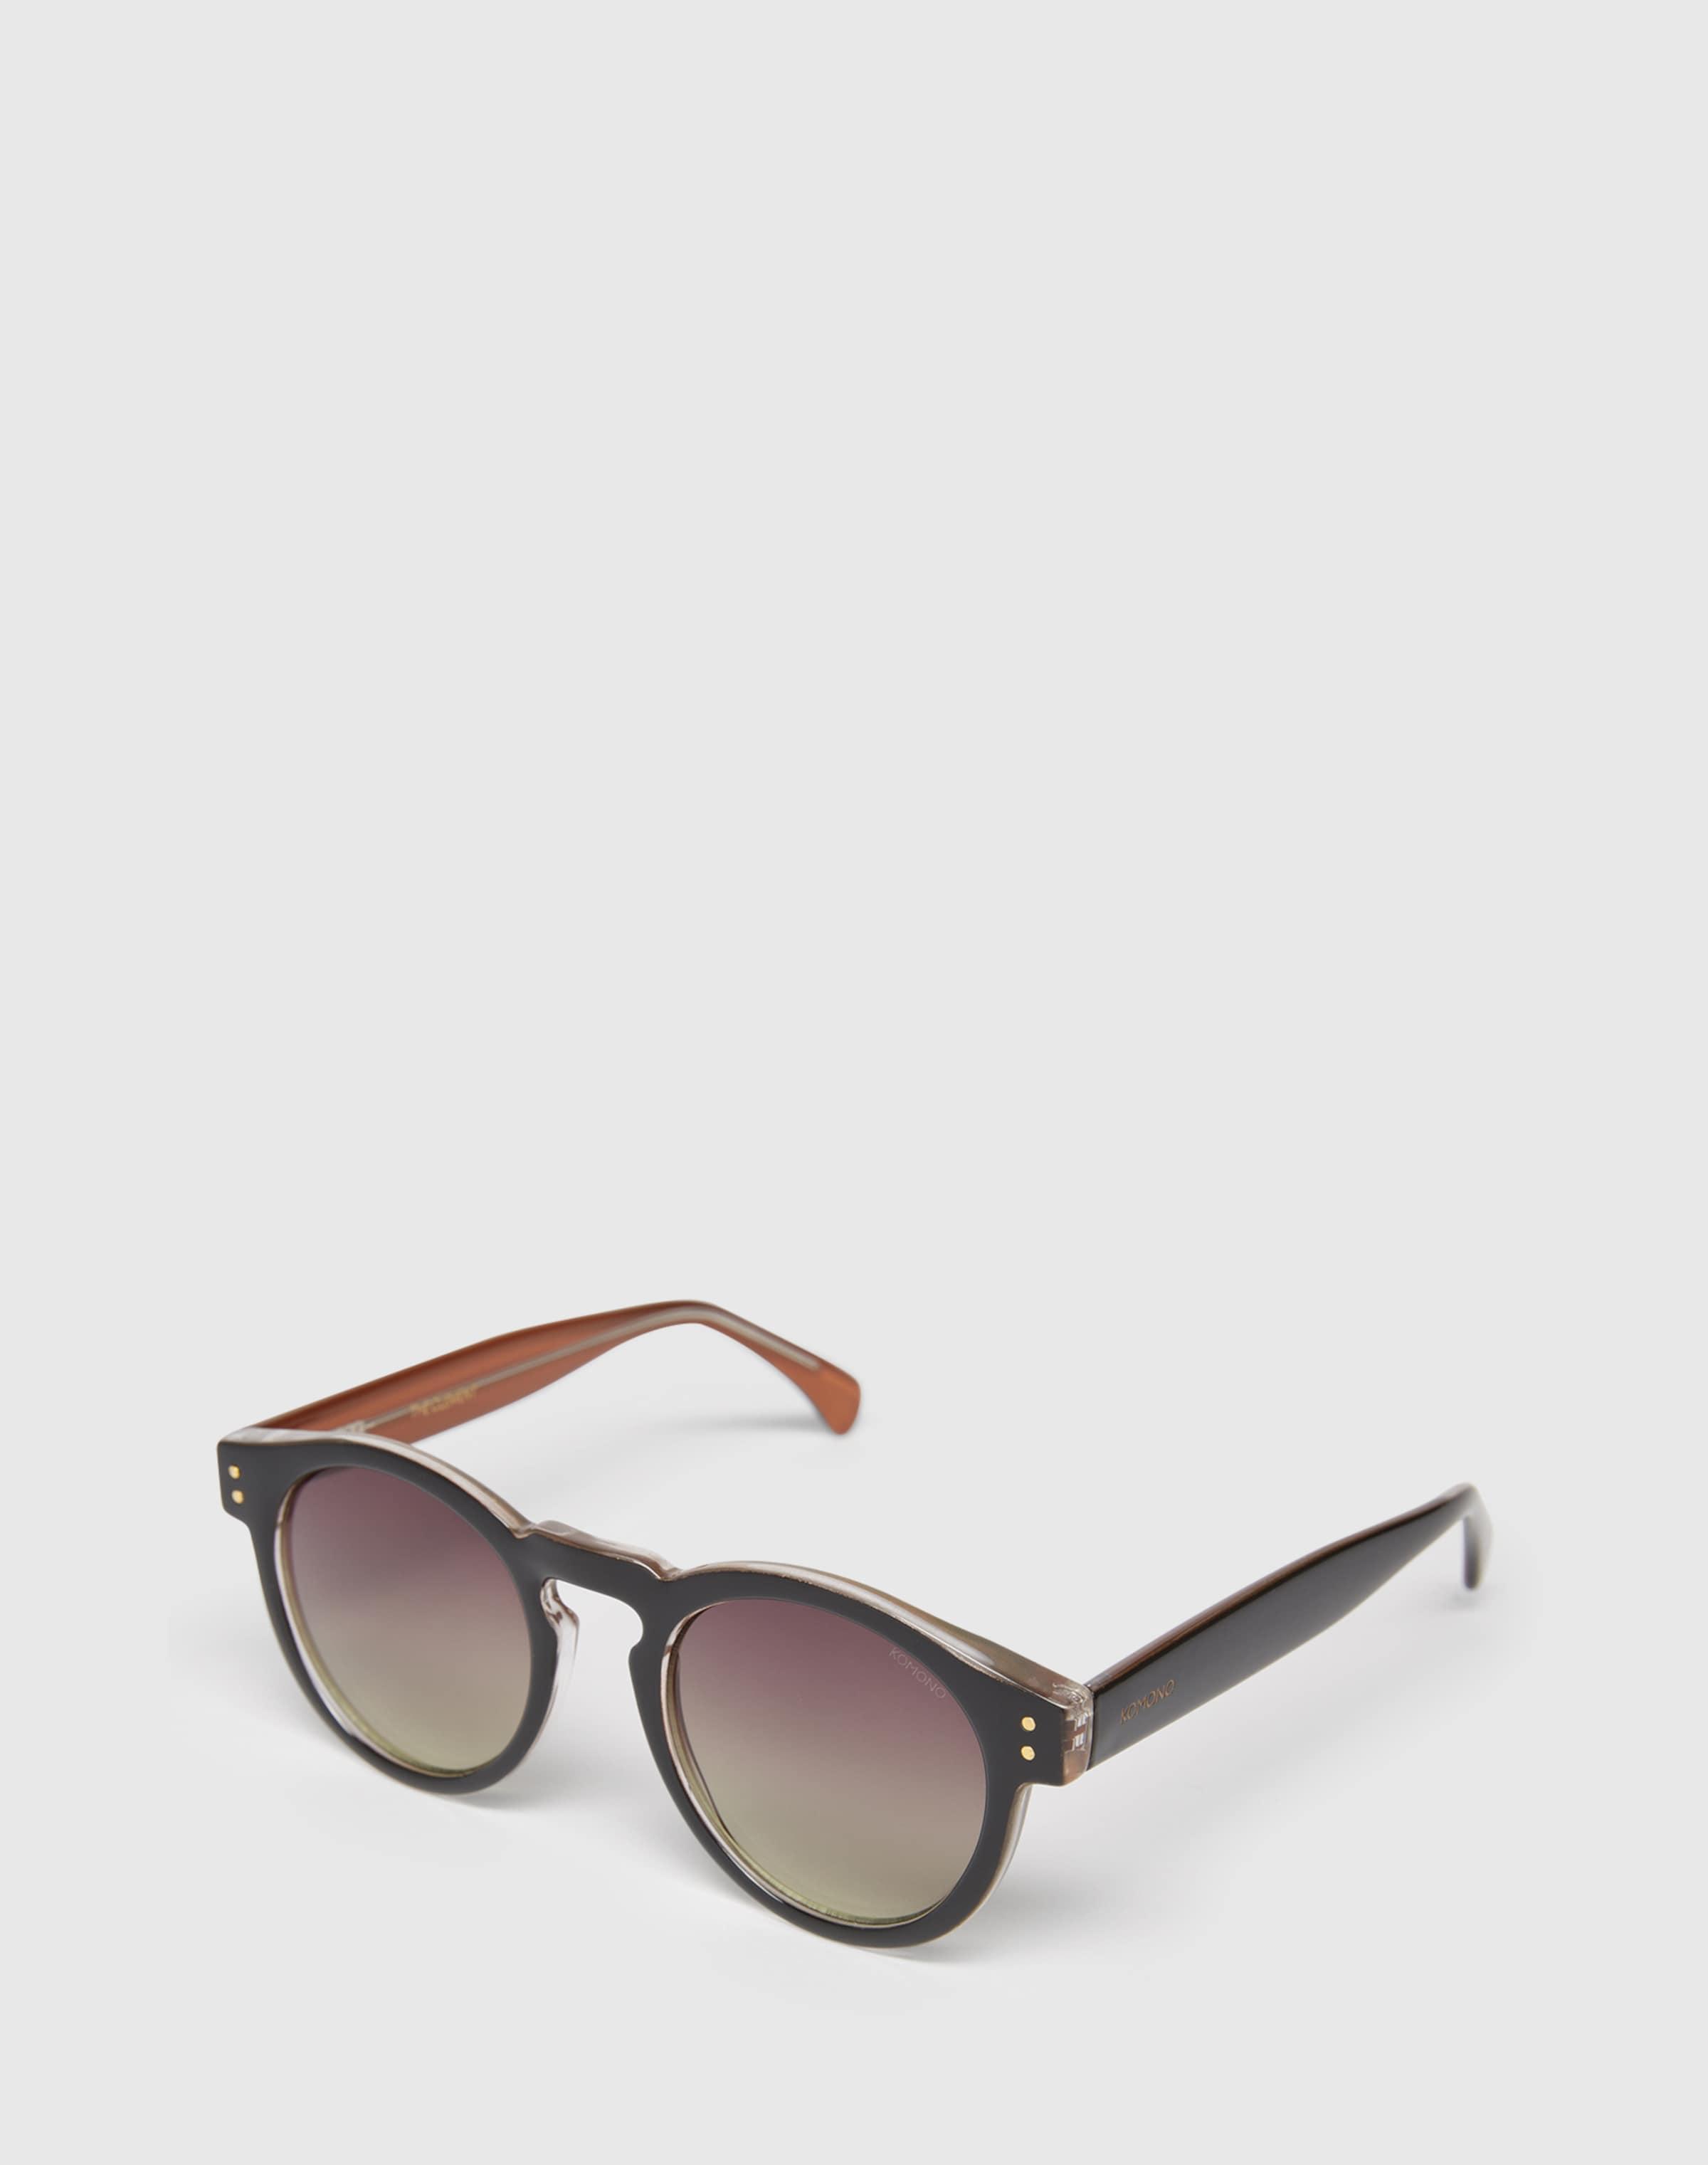 Komono Sonnenbrille 'CLEMENT'  Verkaufsschlager Sonnenschein Sammlungen Online-Verkauf Tolle Verkauf Des Niedrigen Preises NeB8UKae